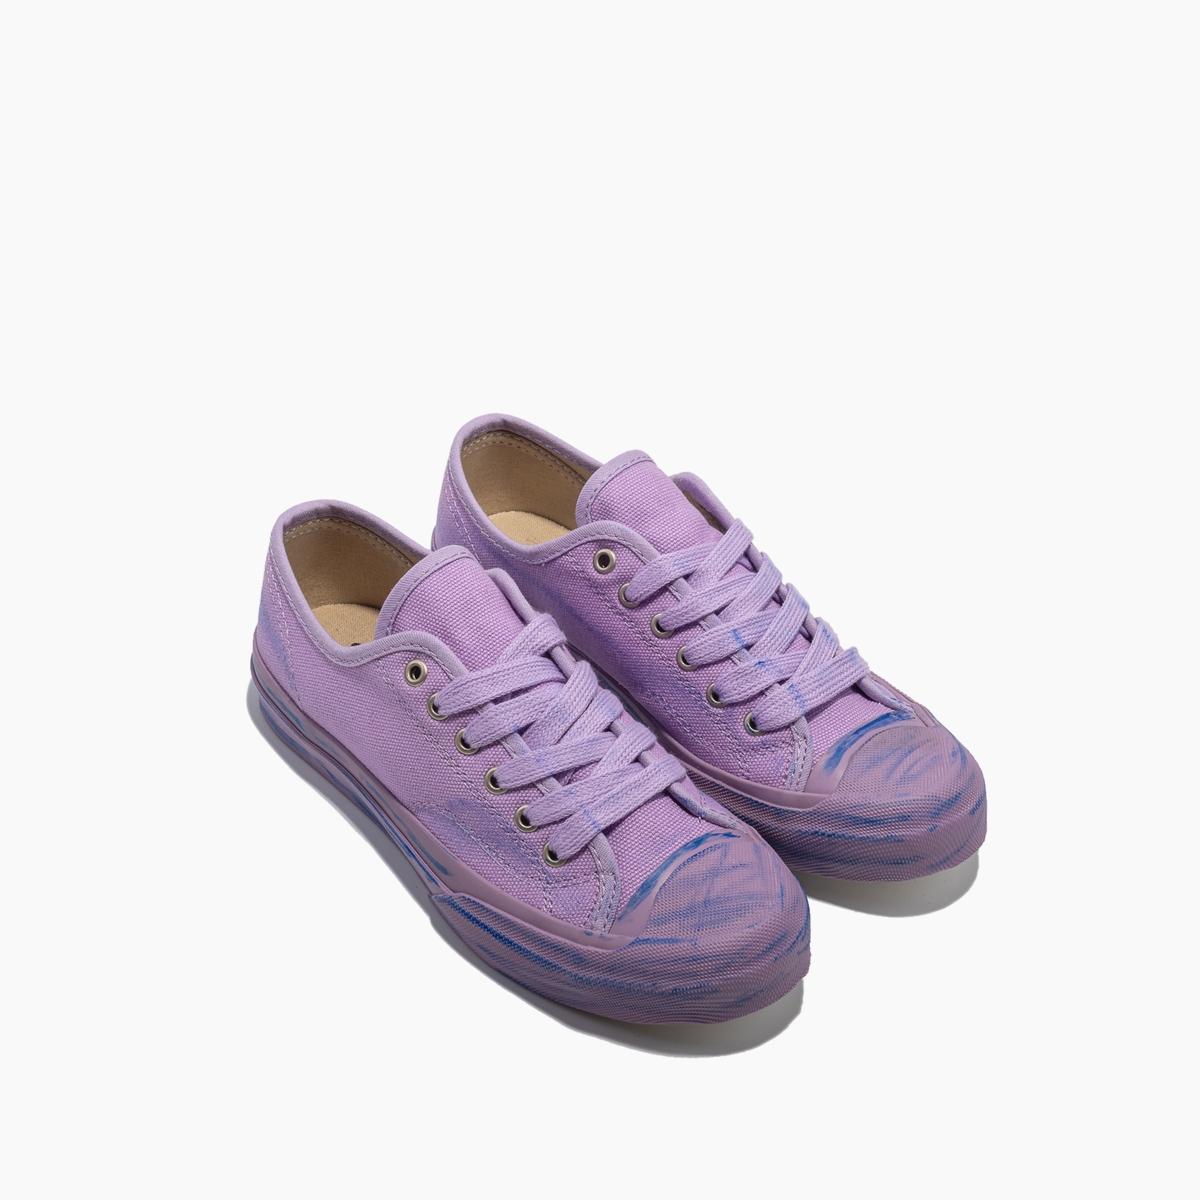 紫色帆布鞋 2019新款紫色帆布鞋山本风日系百搭小脏鞋复古vintage硫化鞋原宿_推荐淘宝好看的紫色帆布鞋